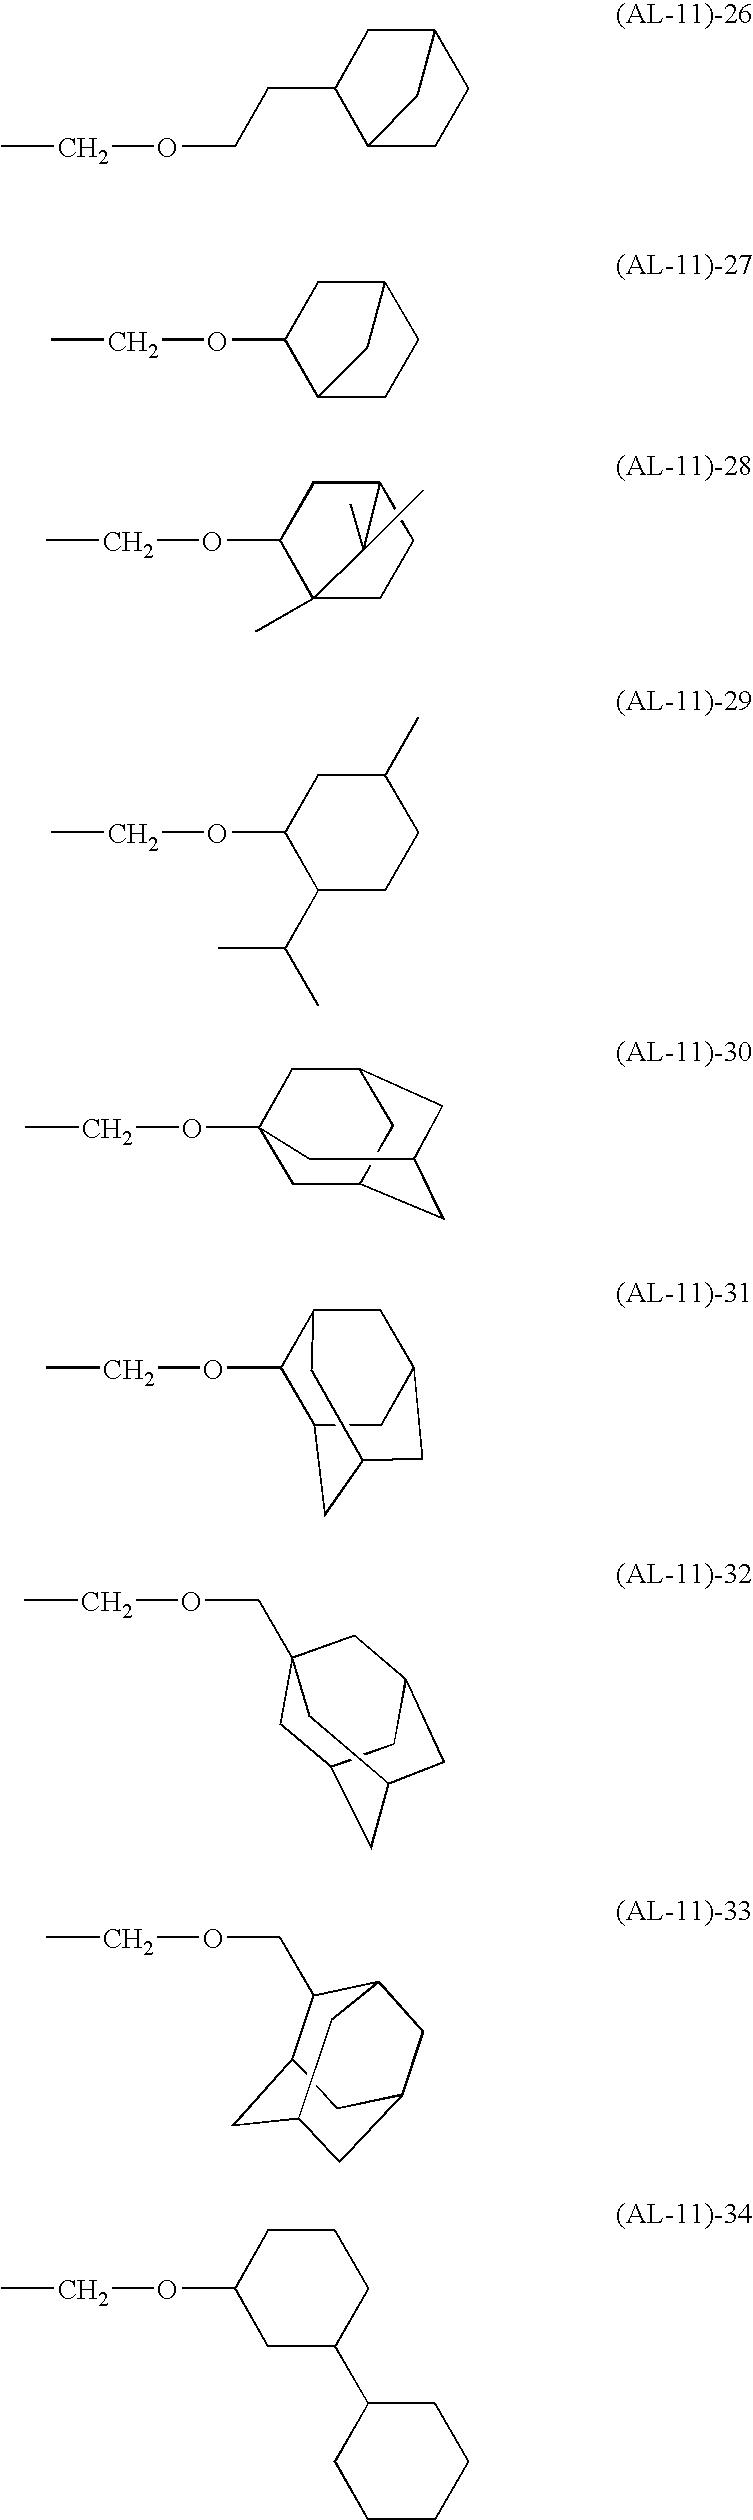 Figure US20100178617A1-20100715-C00014